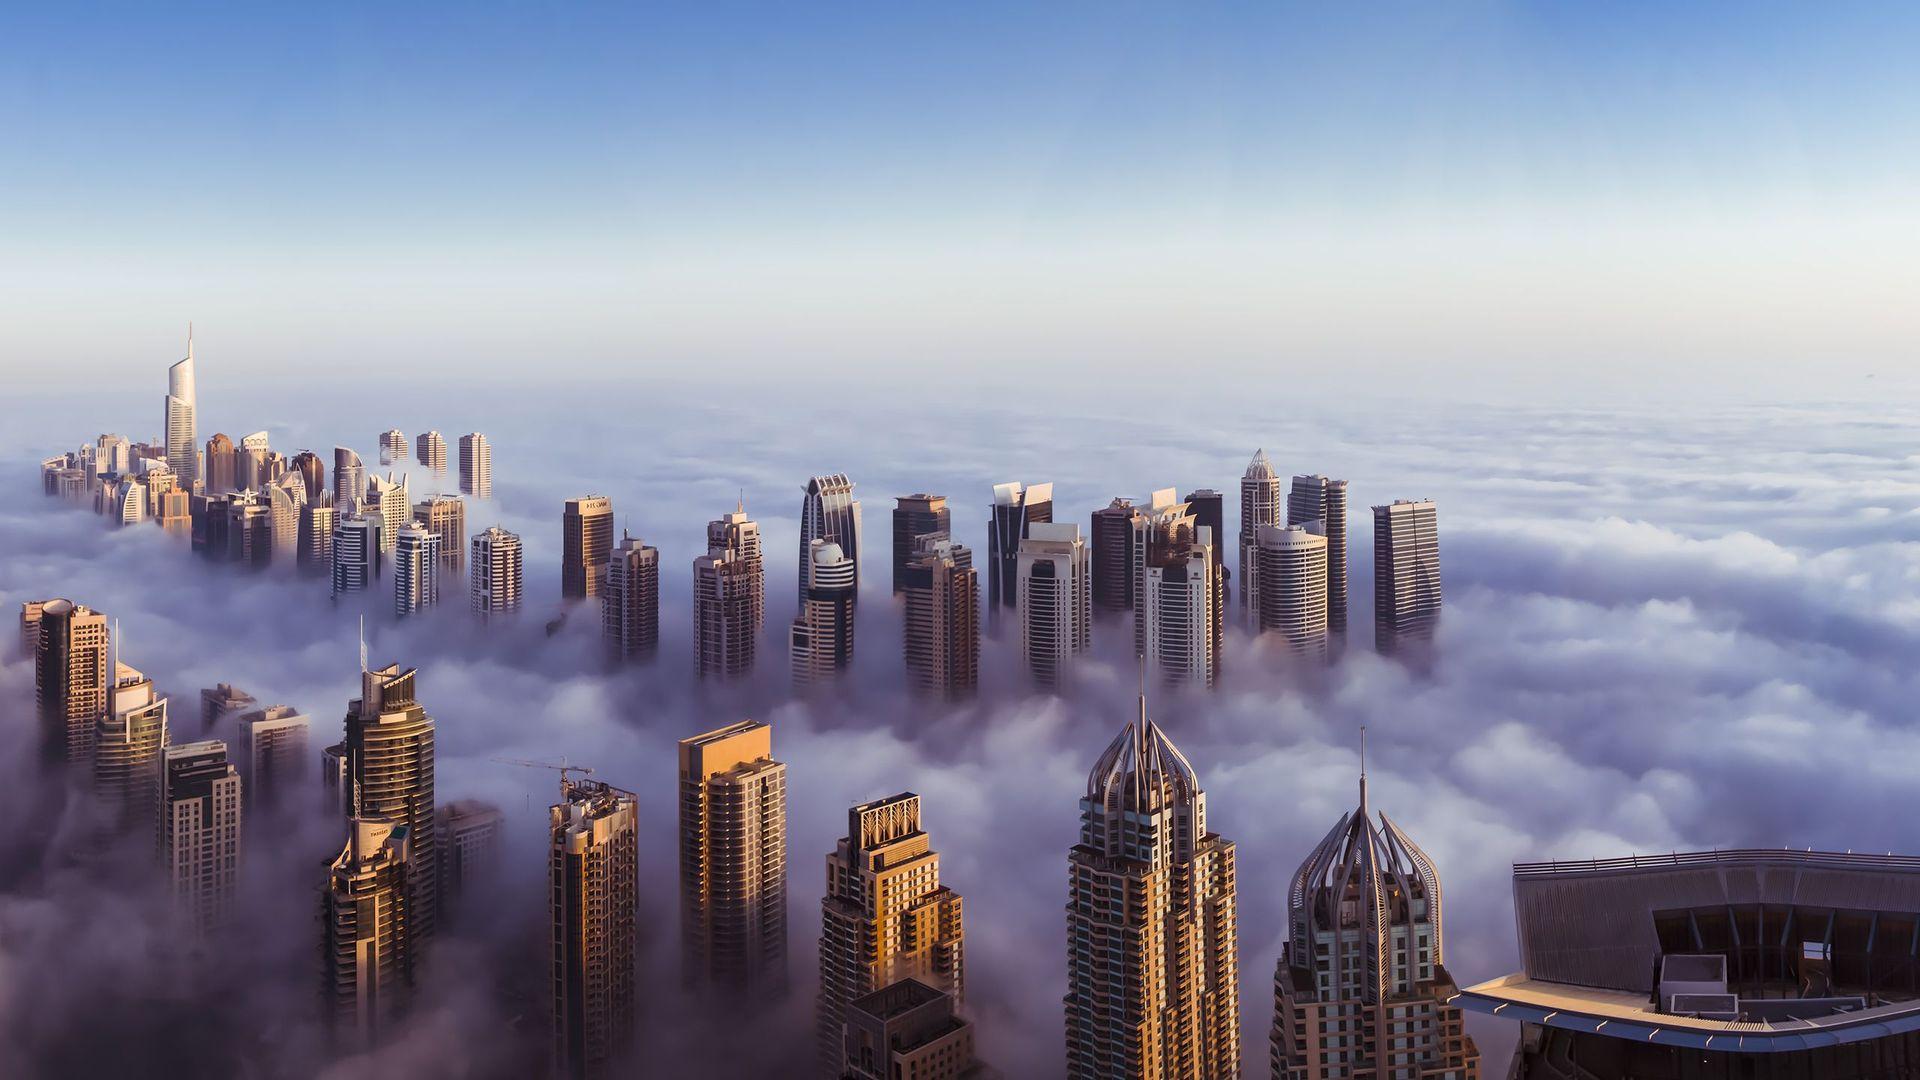 Dubai in clouds